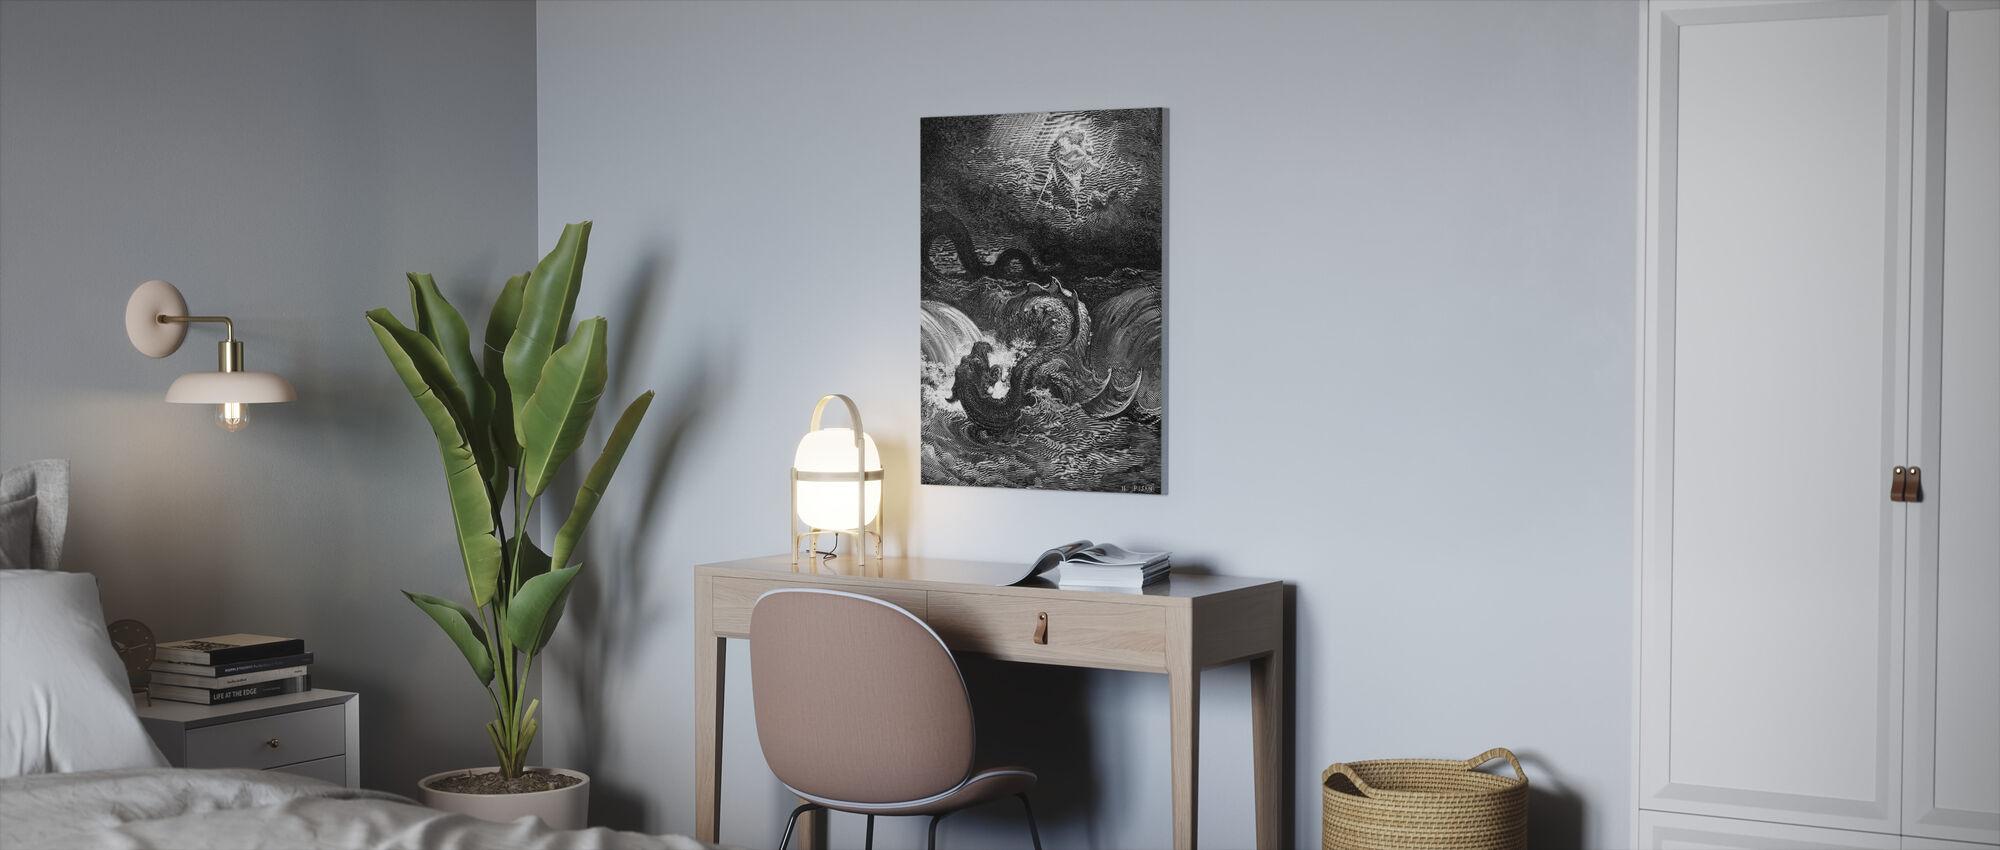 Esaias Syn - Gustave Dore - Lerretsbilde - Kontor